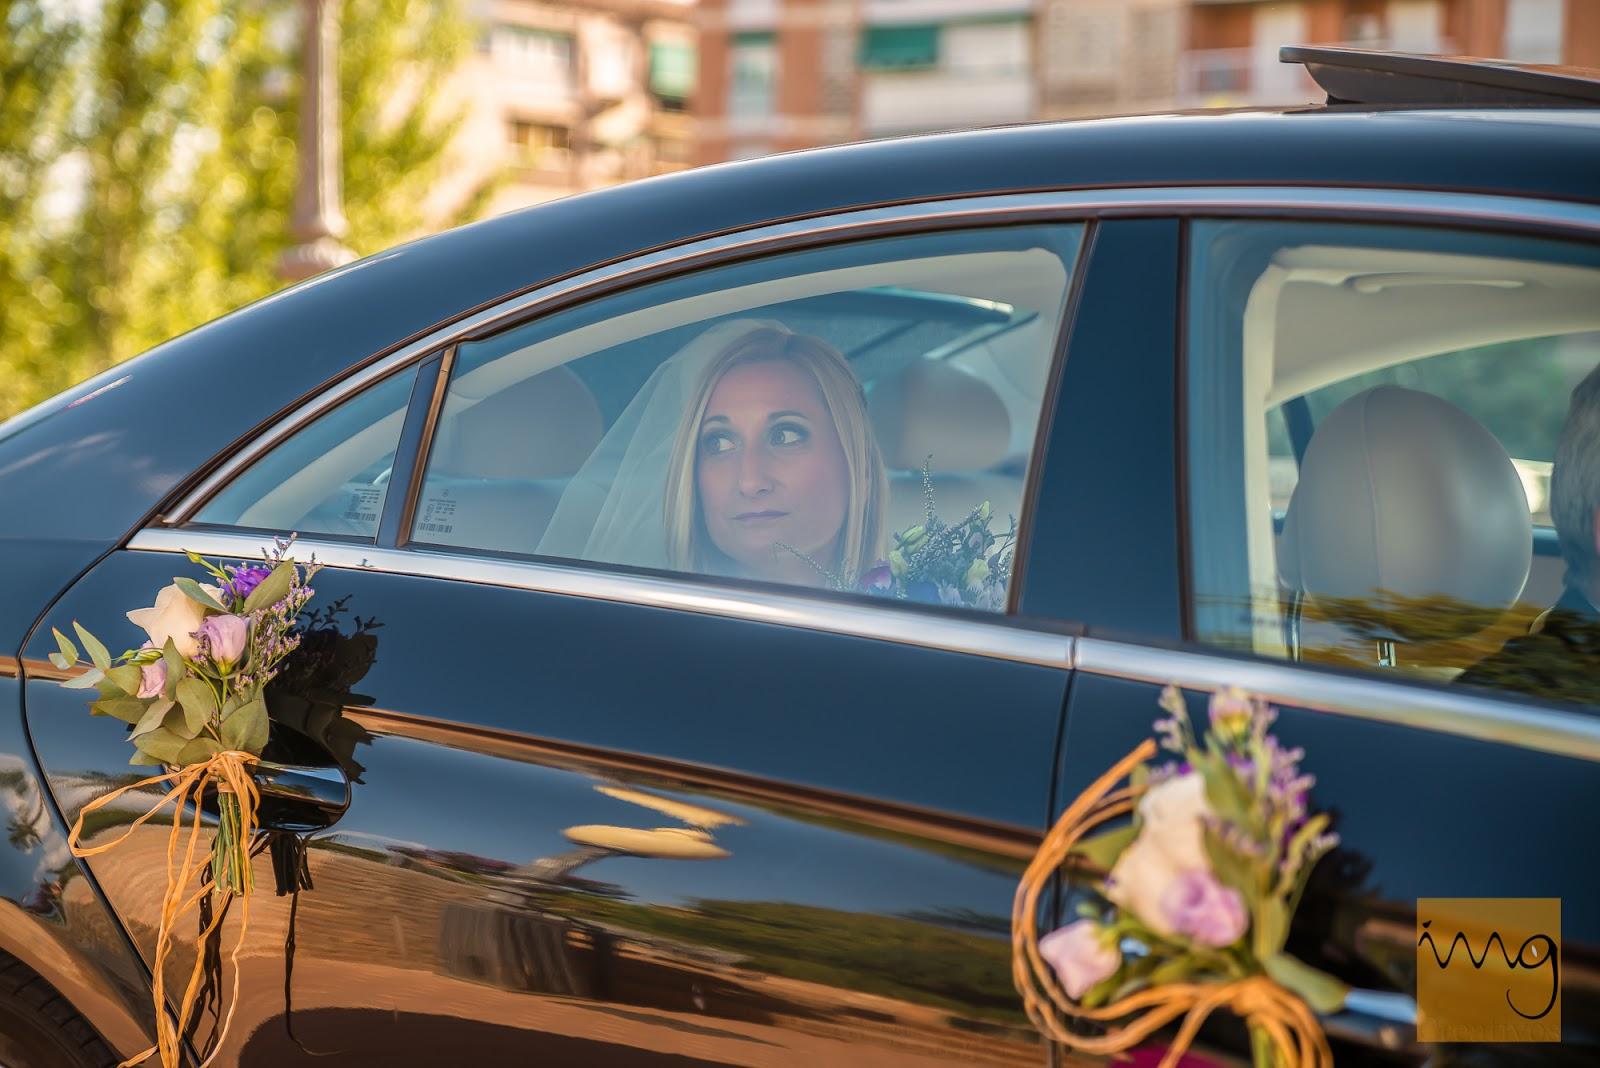 Fotografía de la llegada de la novia a la ceremonia